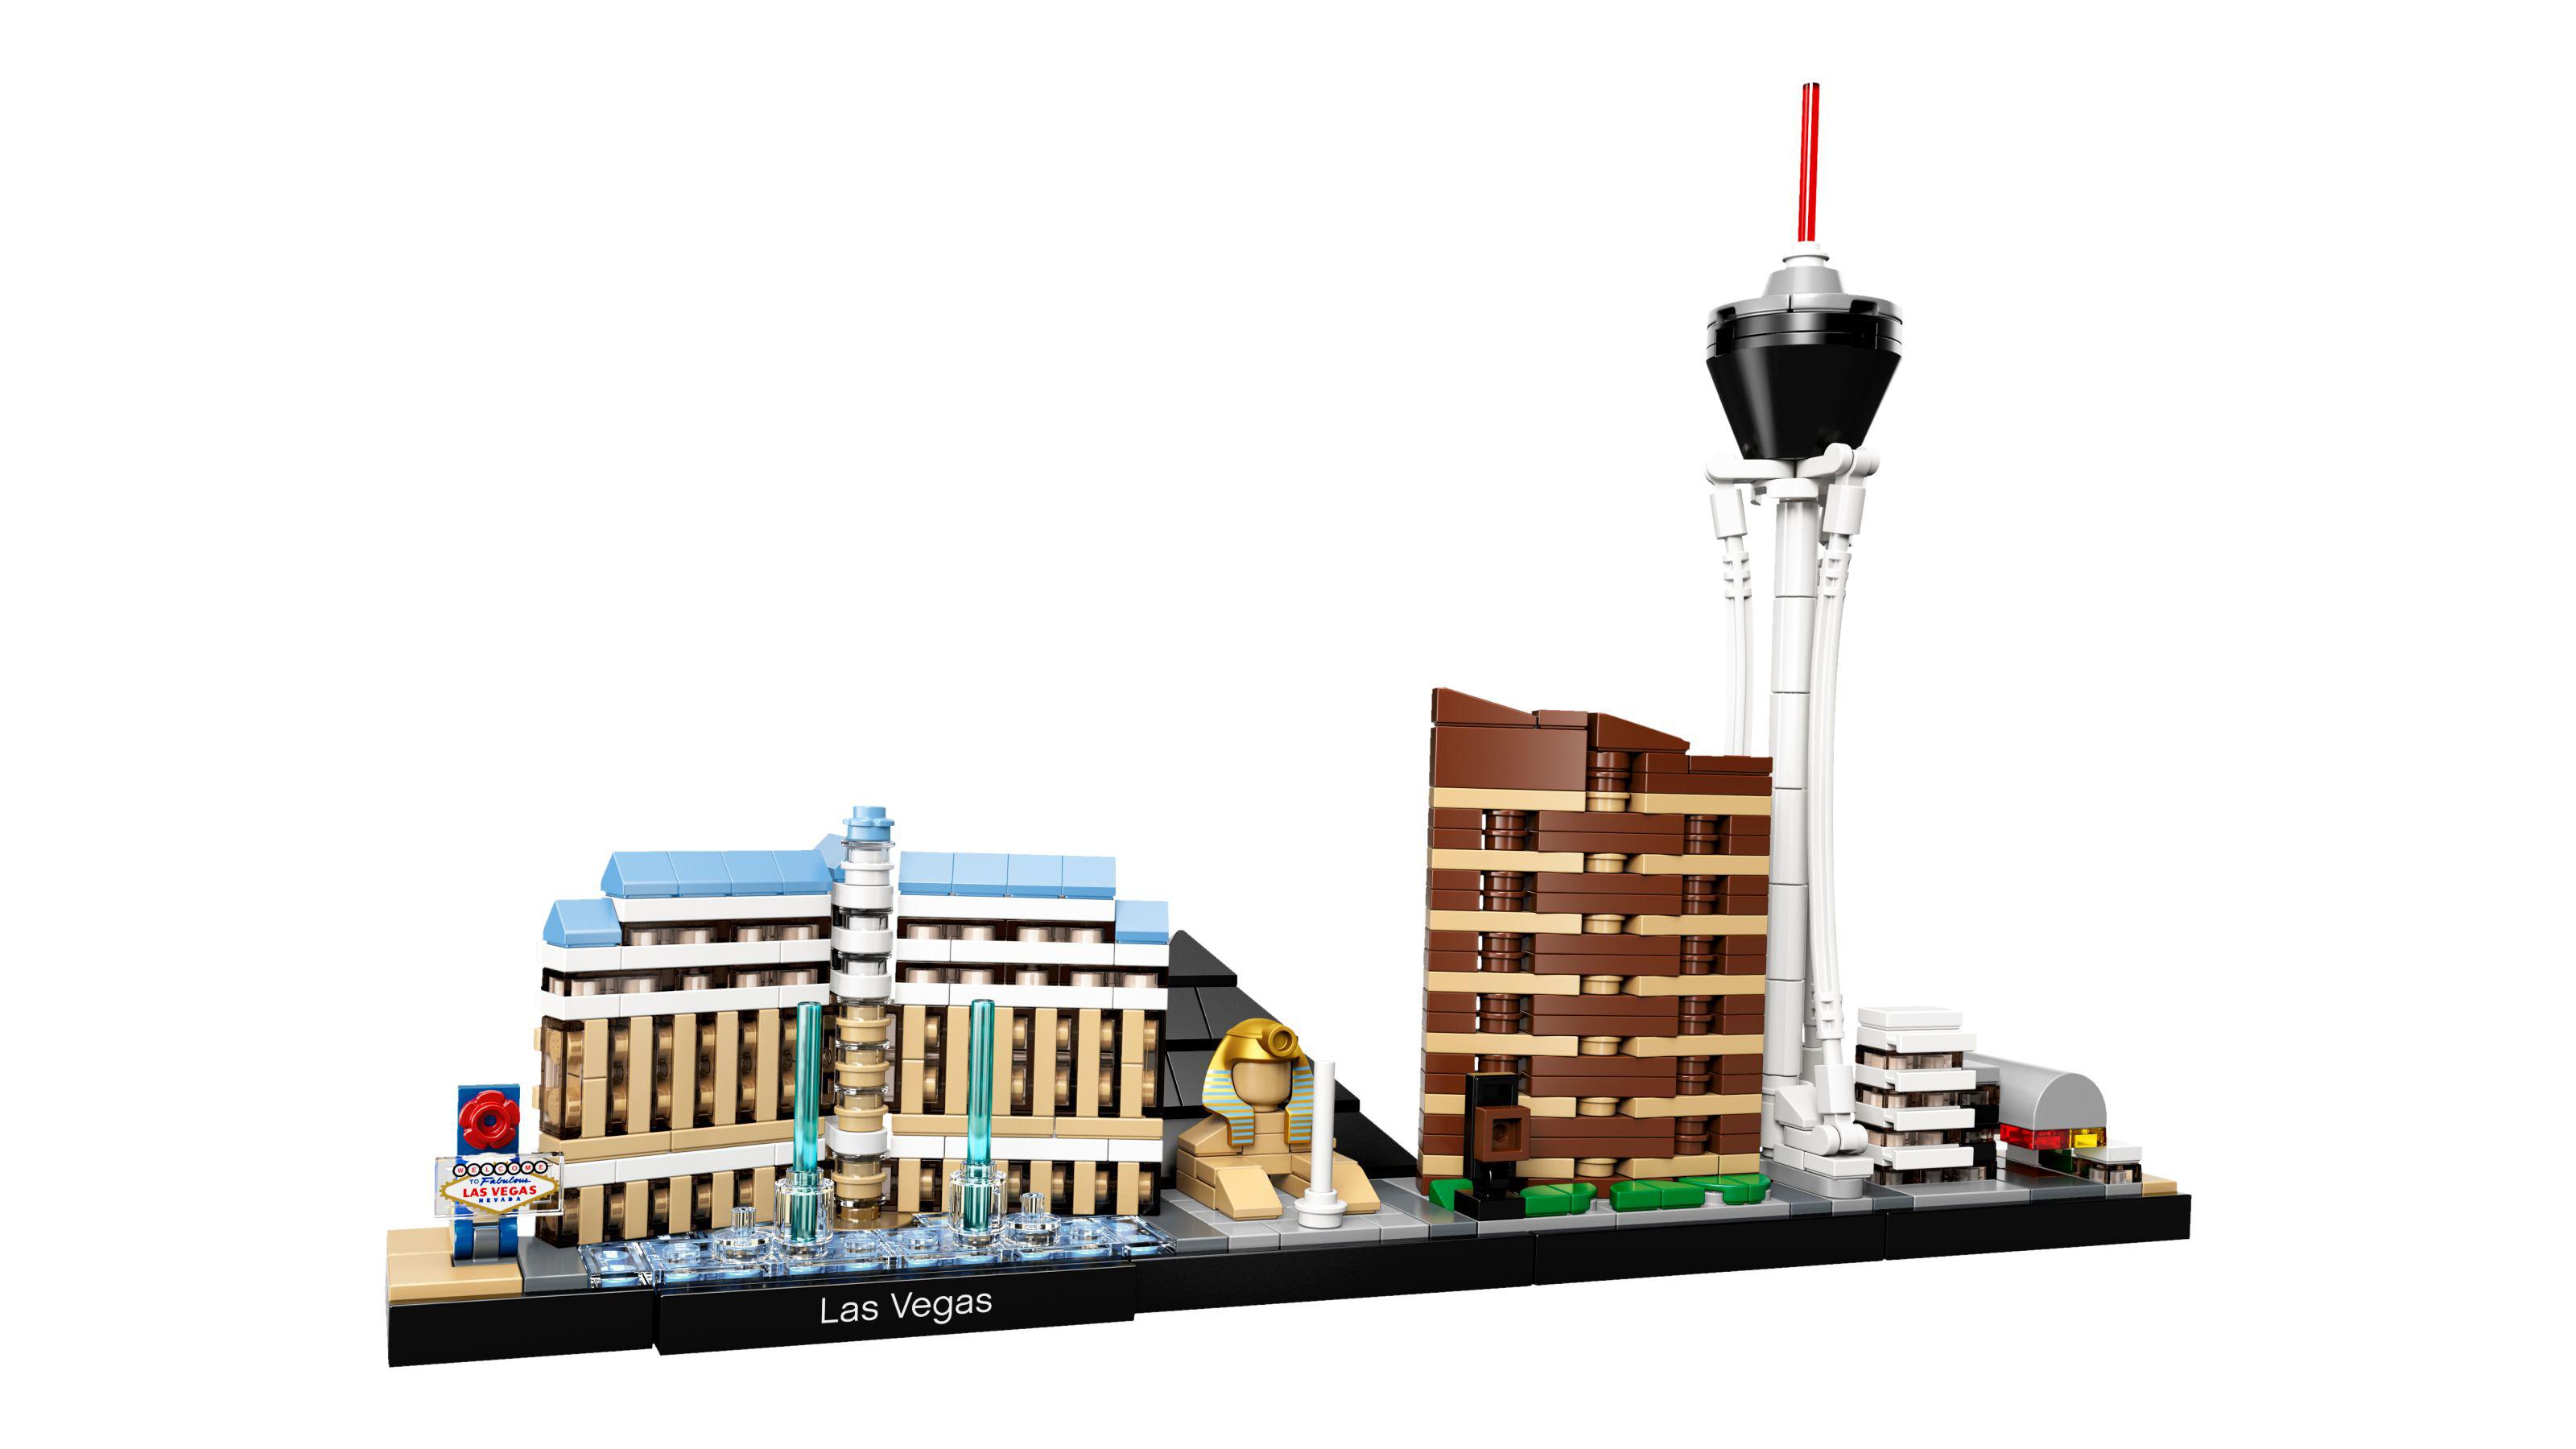 Best Lego Architecture sets: Las Vegas